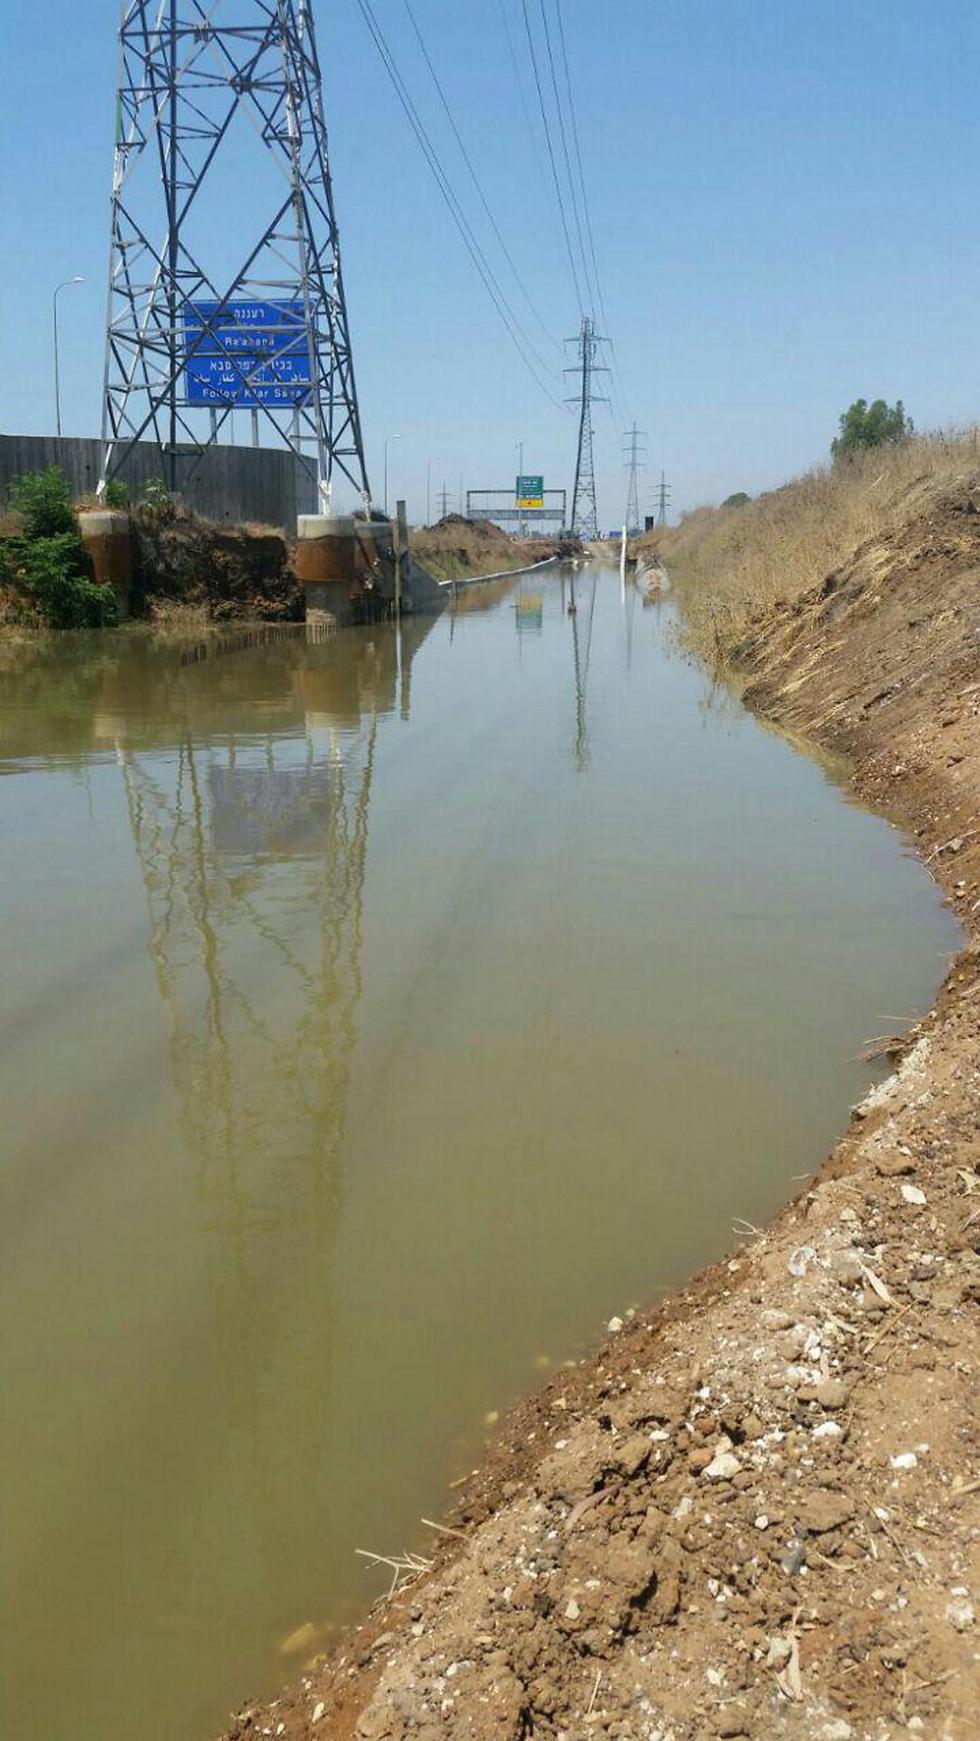 מקור הזיהום, אתמול (צילומים: עמיר ארד, משרד להגנת הסביבה)